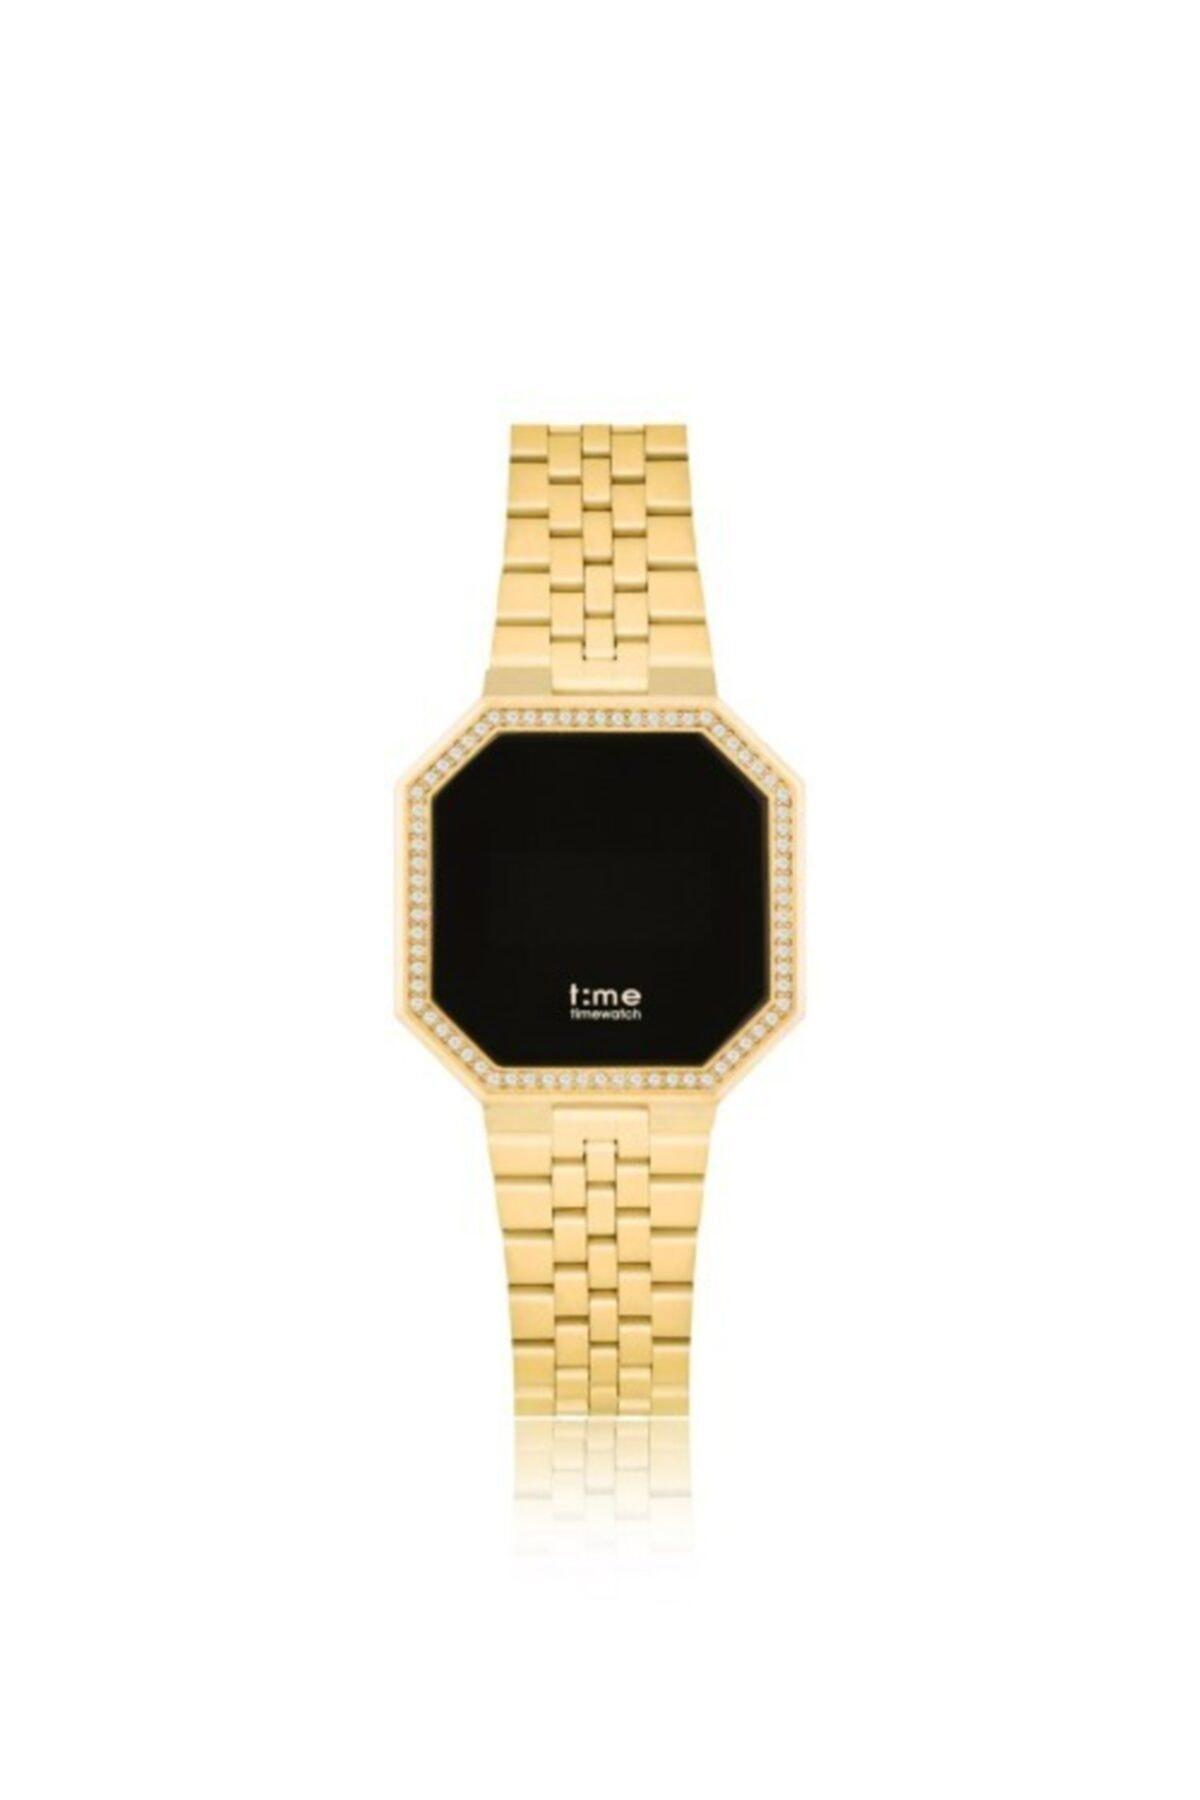 Timewatch Time Watch Kadın Dokunmatik Kol Saati 1